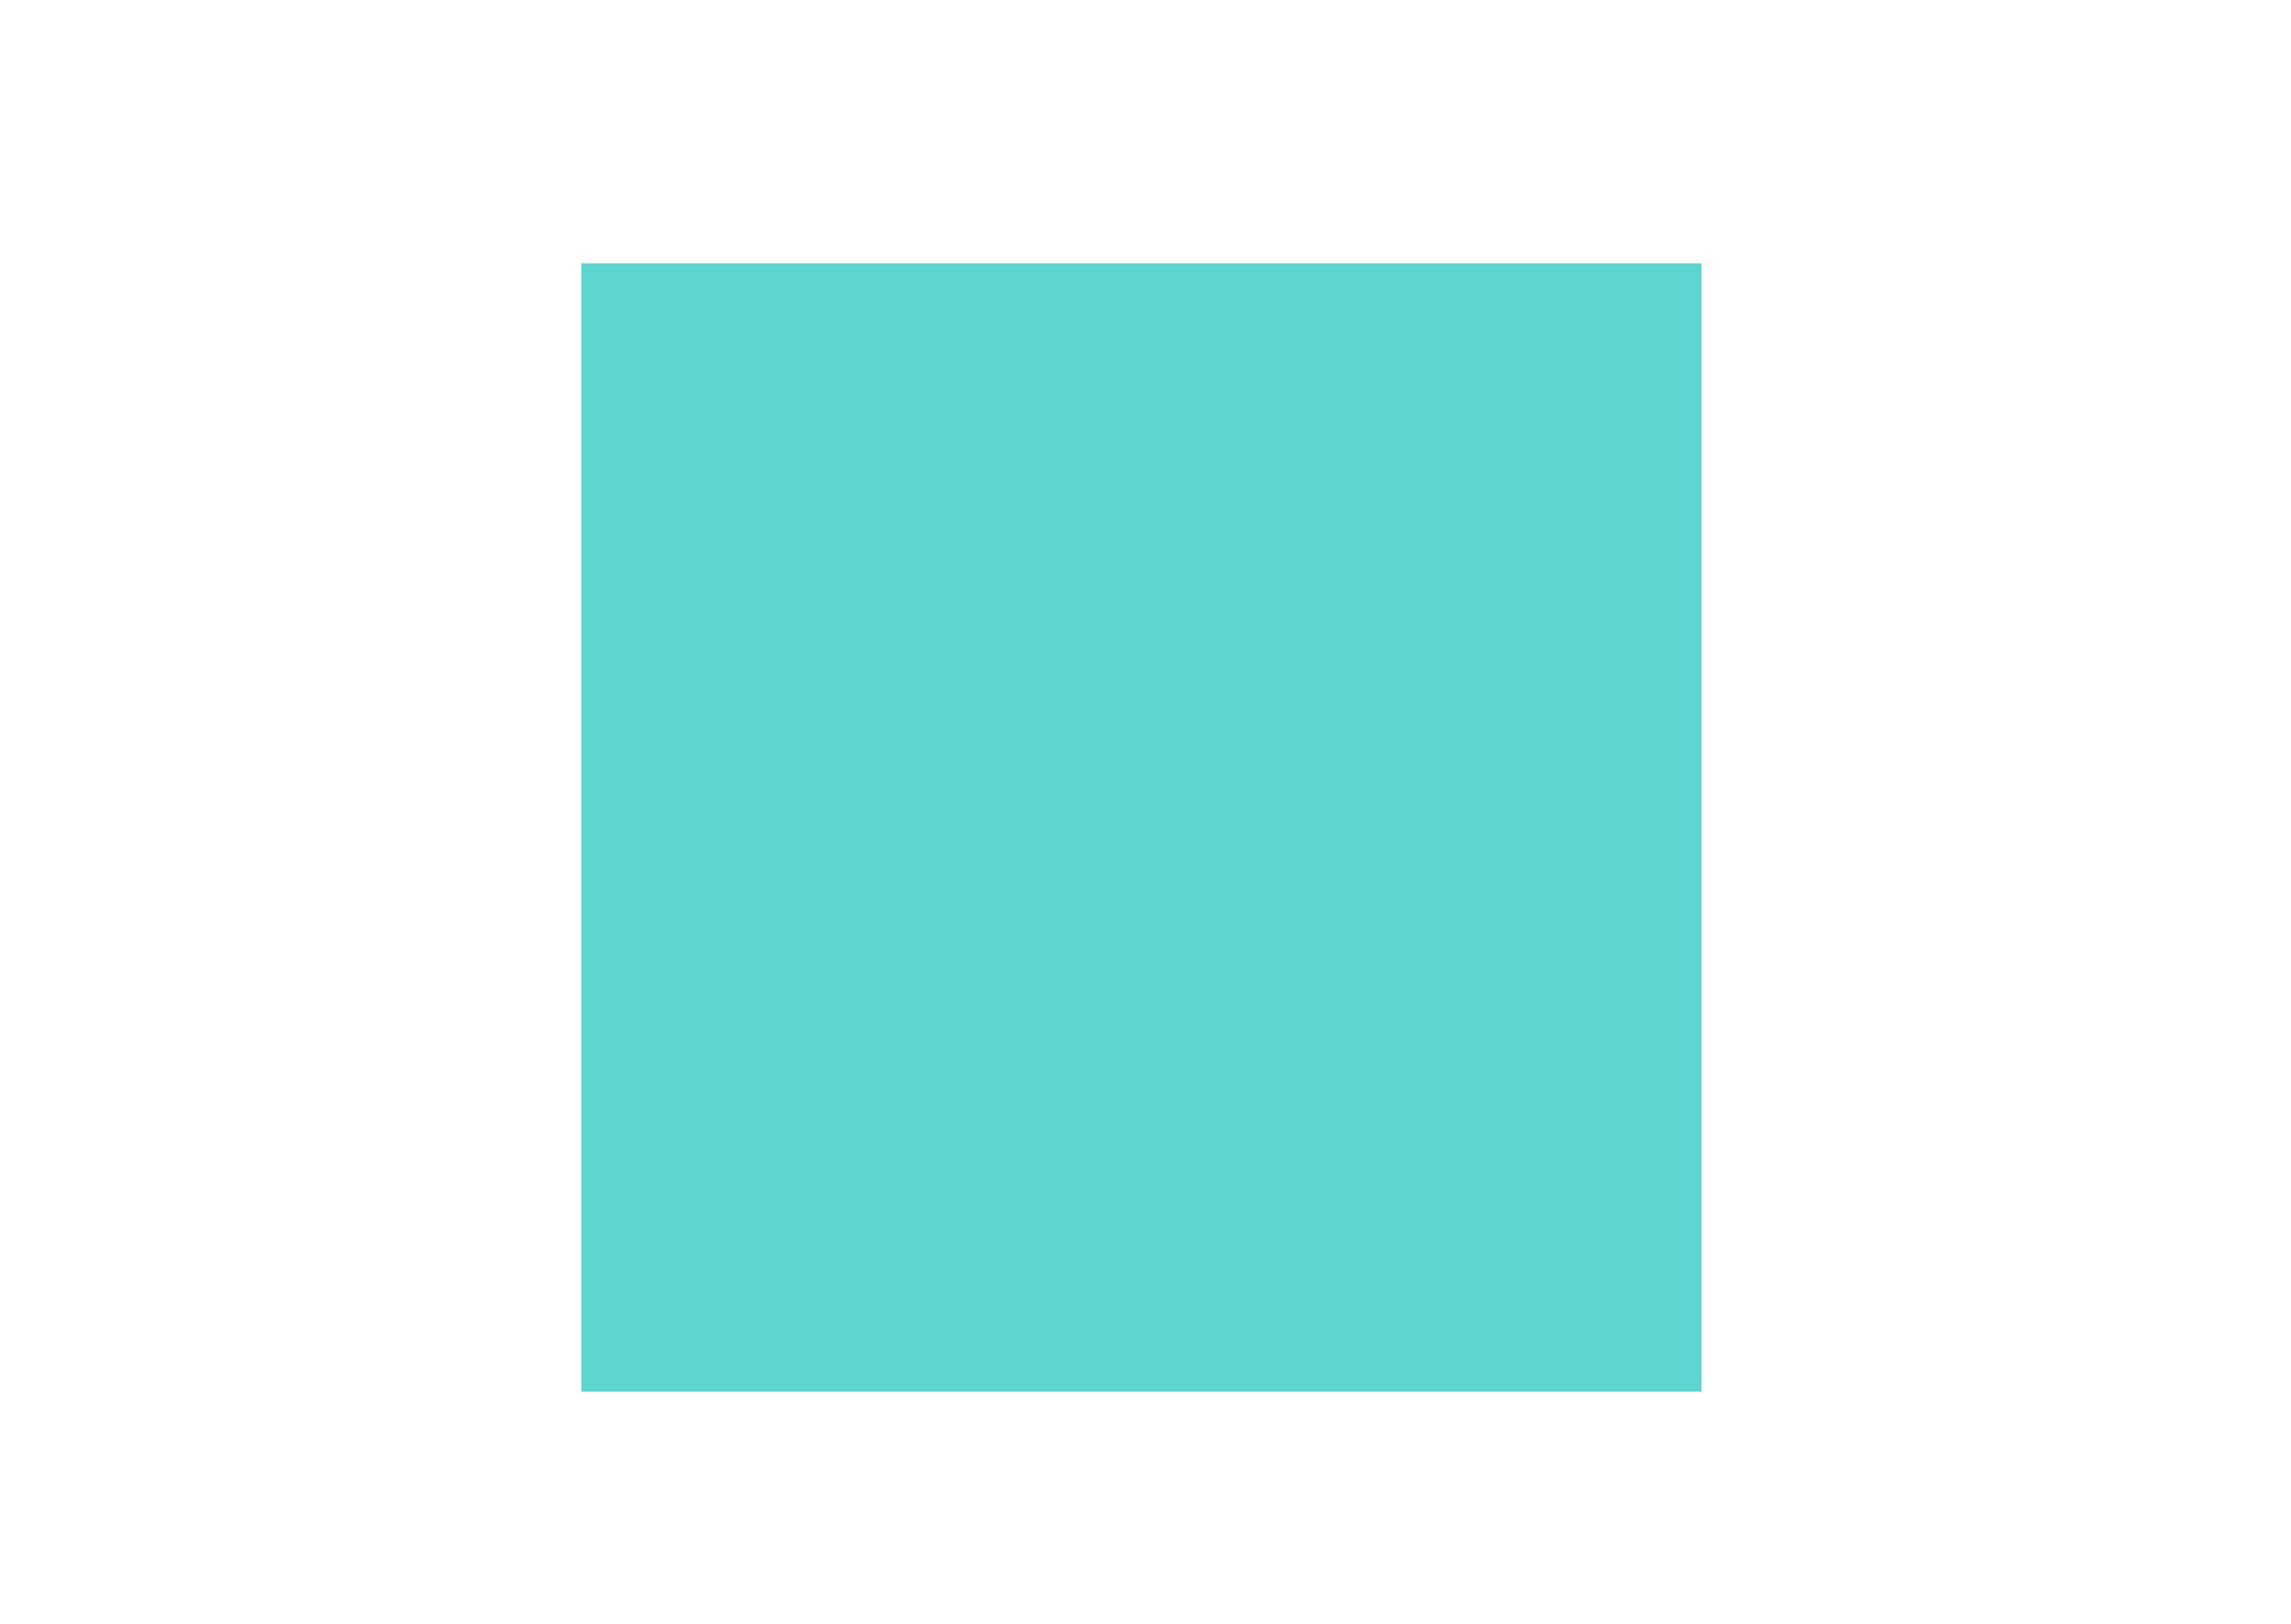 R. Bao